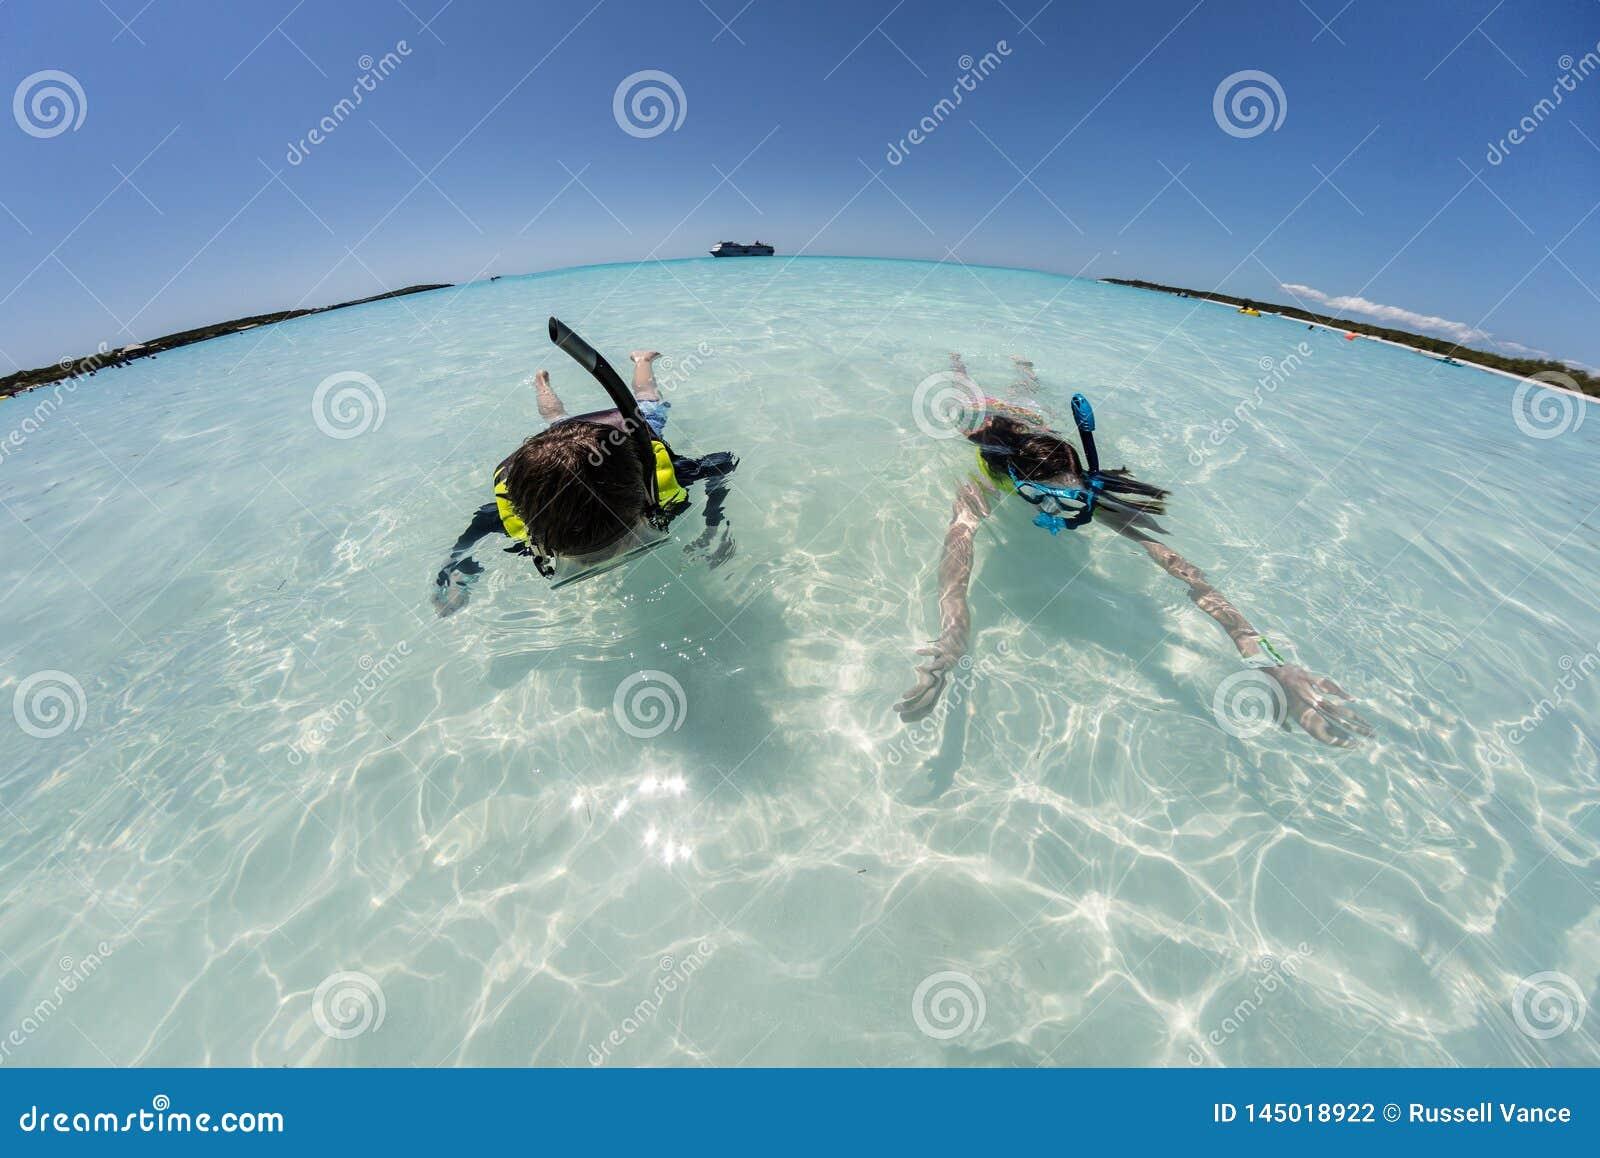 潜航在与游轮的透明的水中的少女和男孩在与广角弯曲的天际的背景中